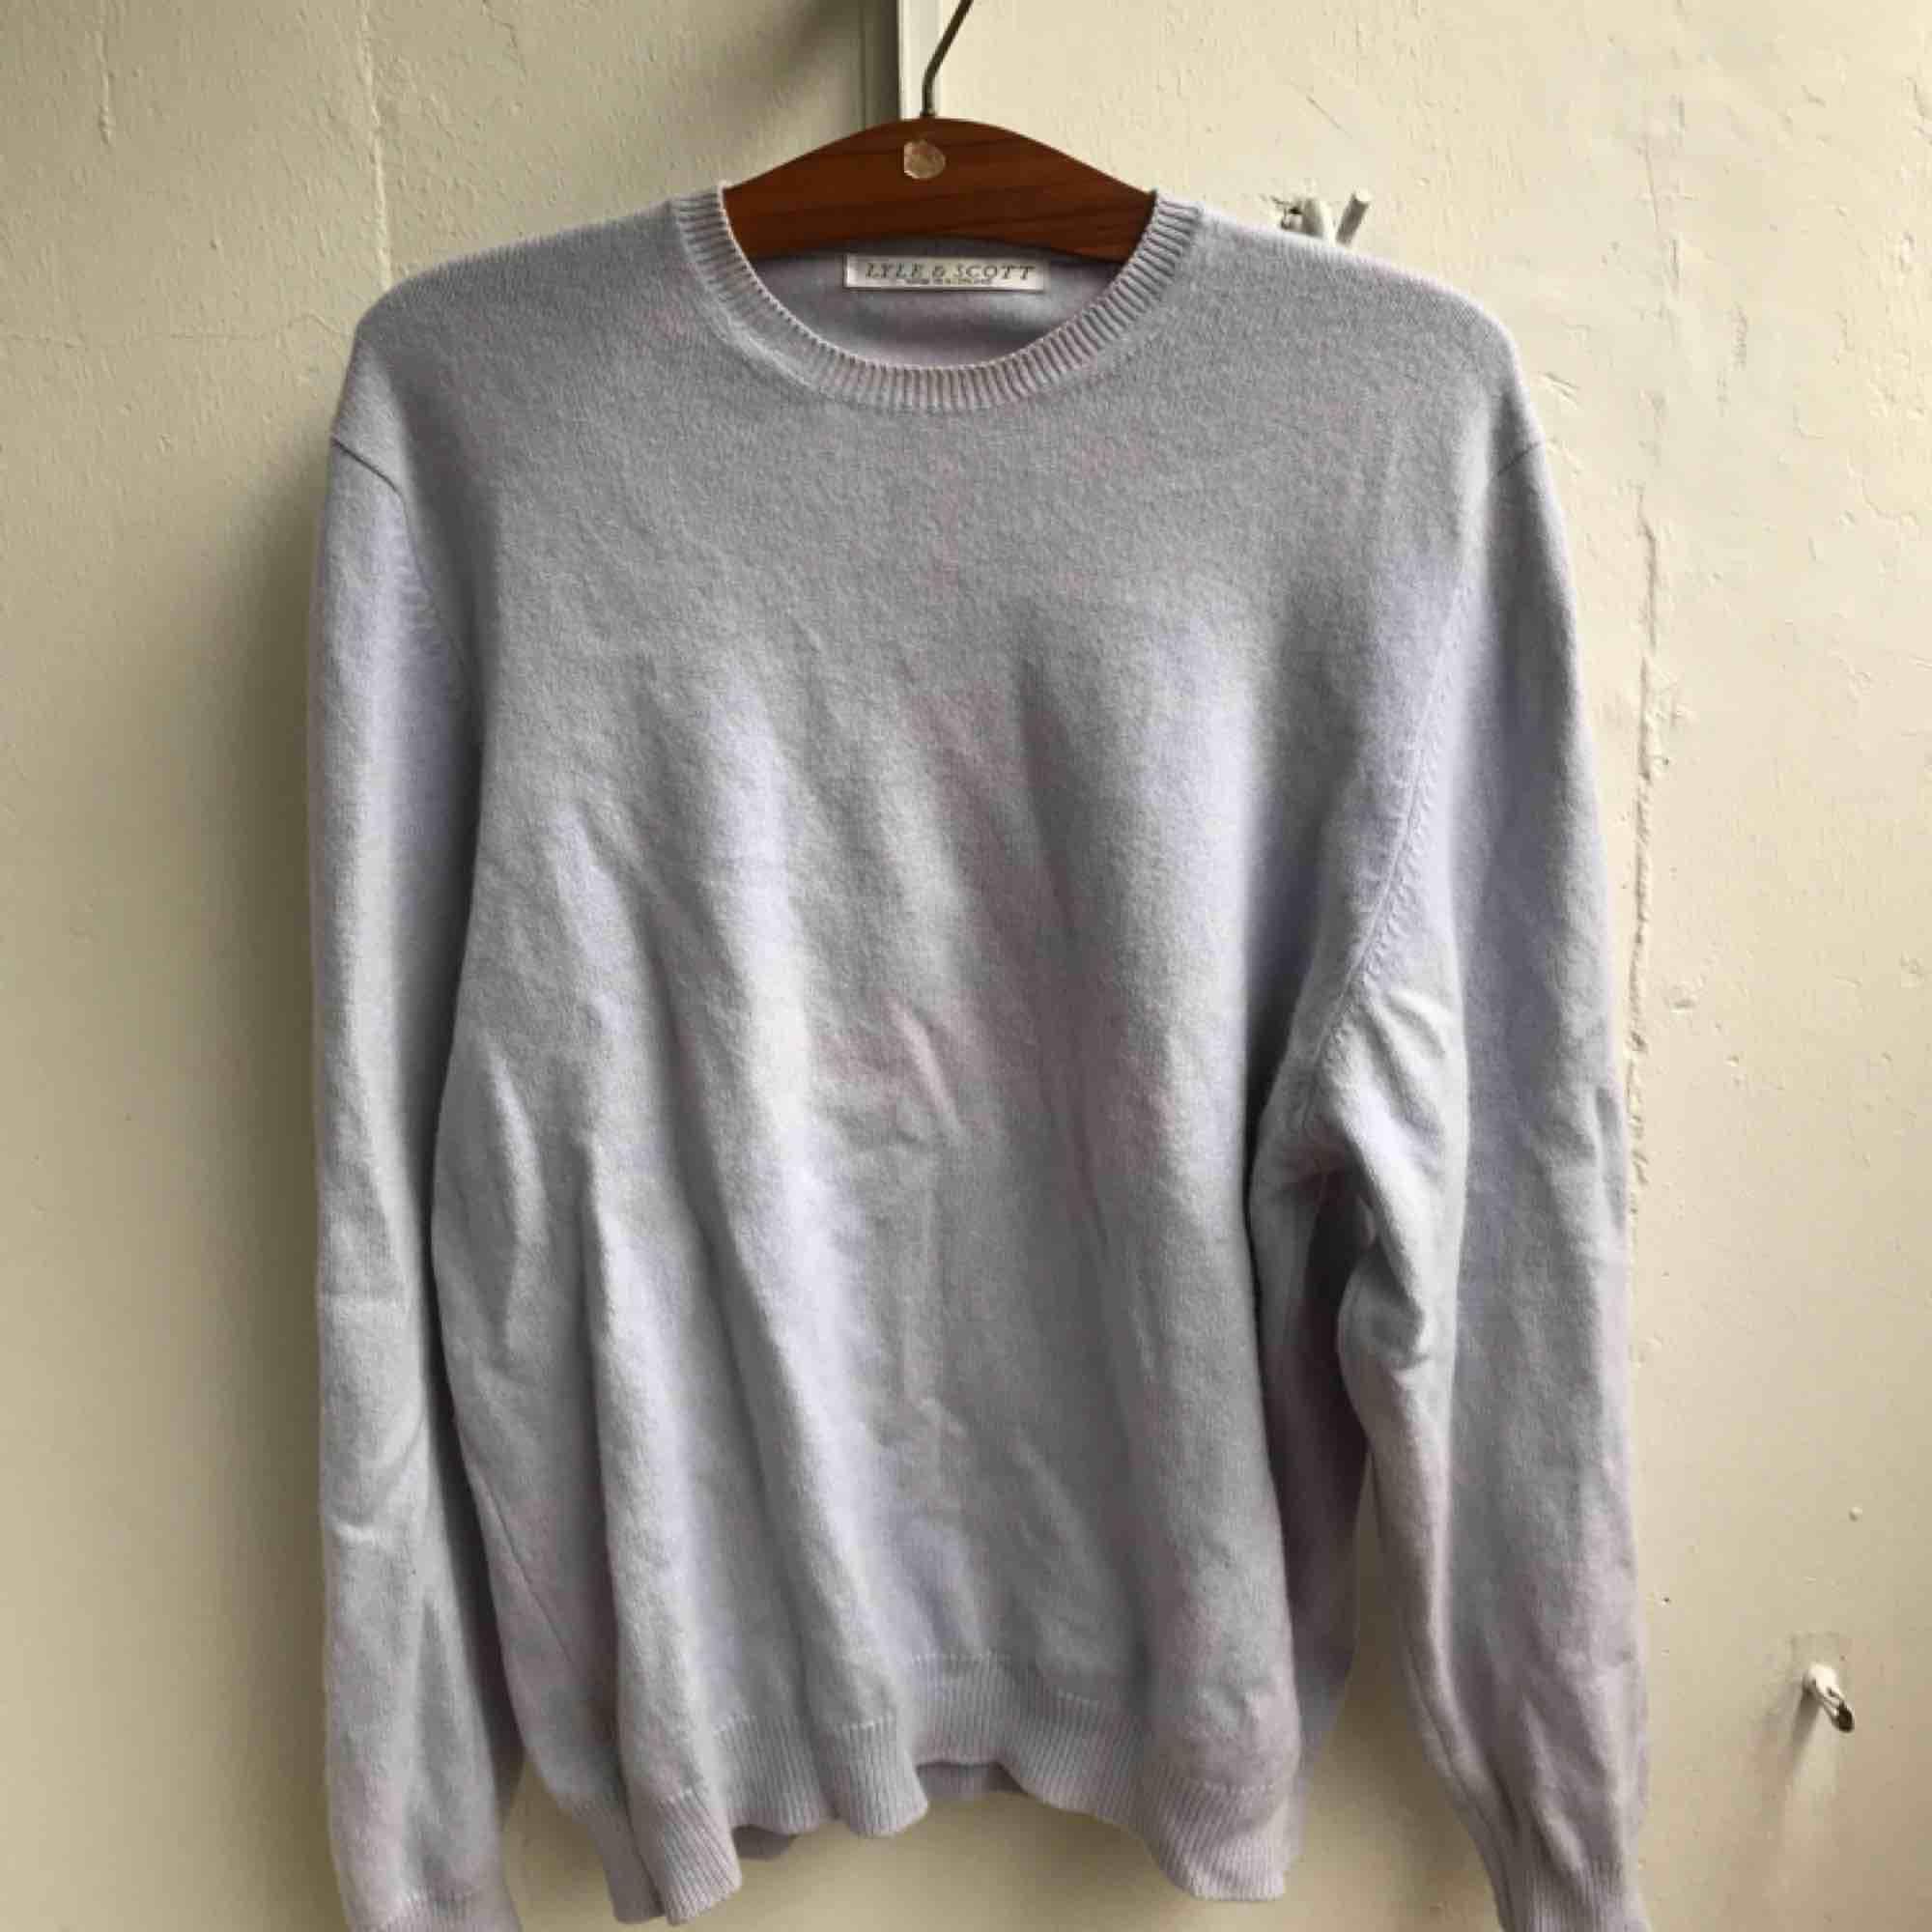 Snygg ljusblå tröja från Lyle & Scott.. Tröjor & Koftor.